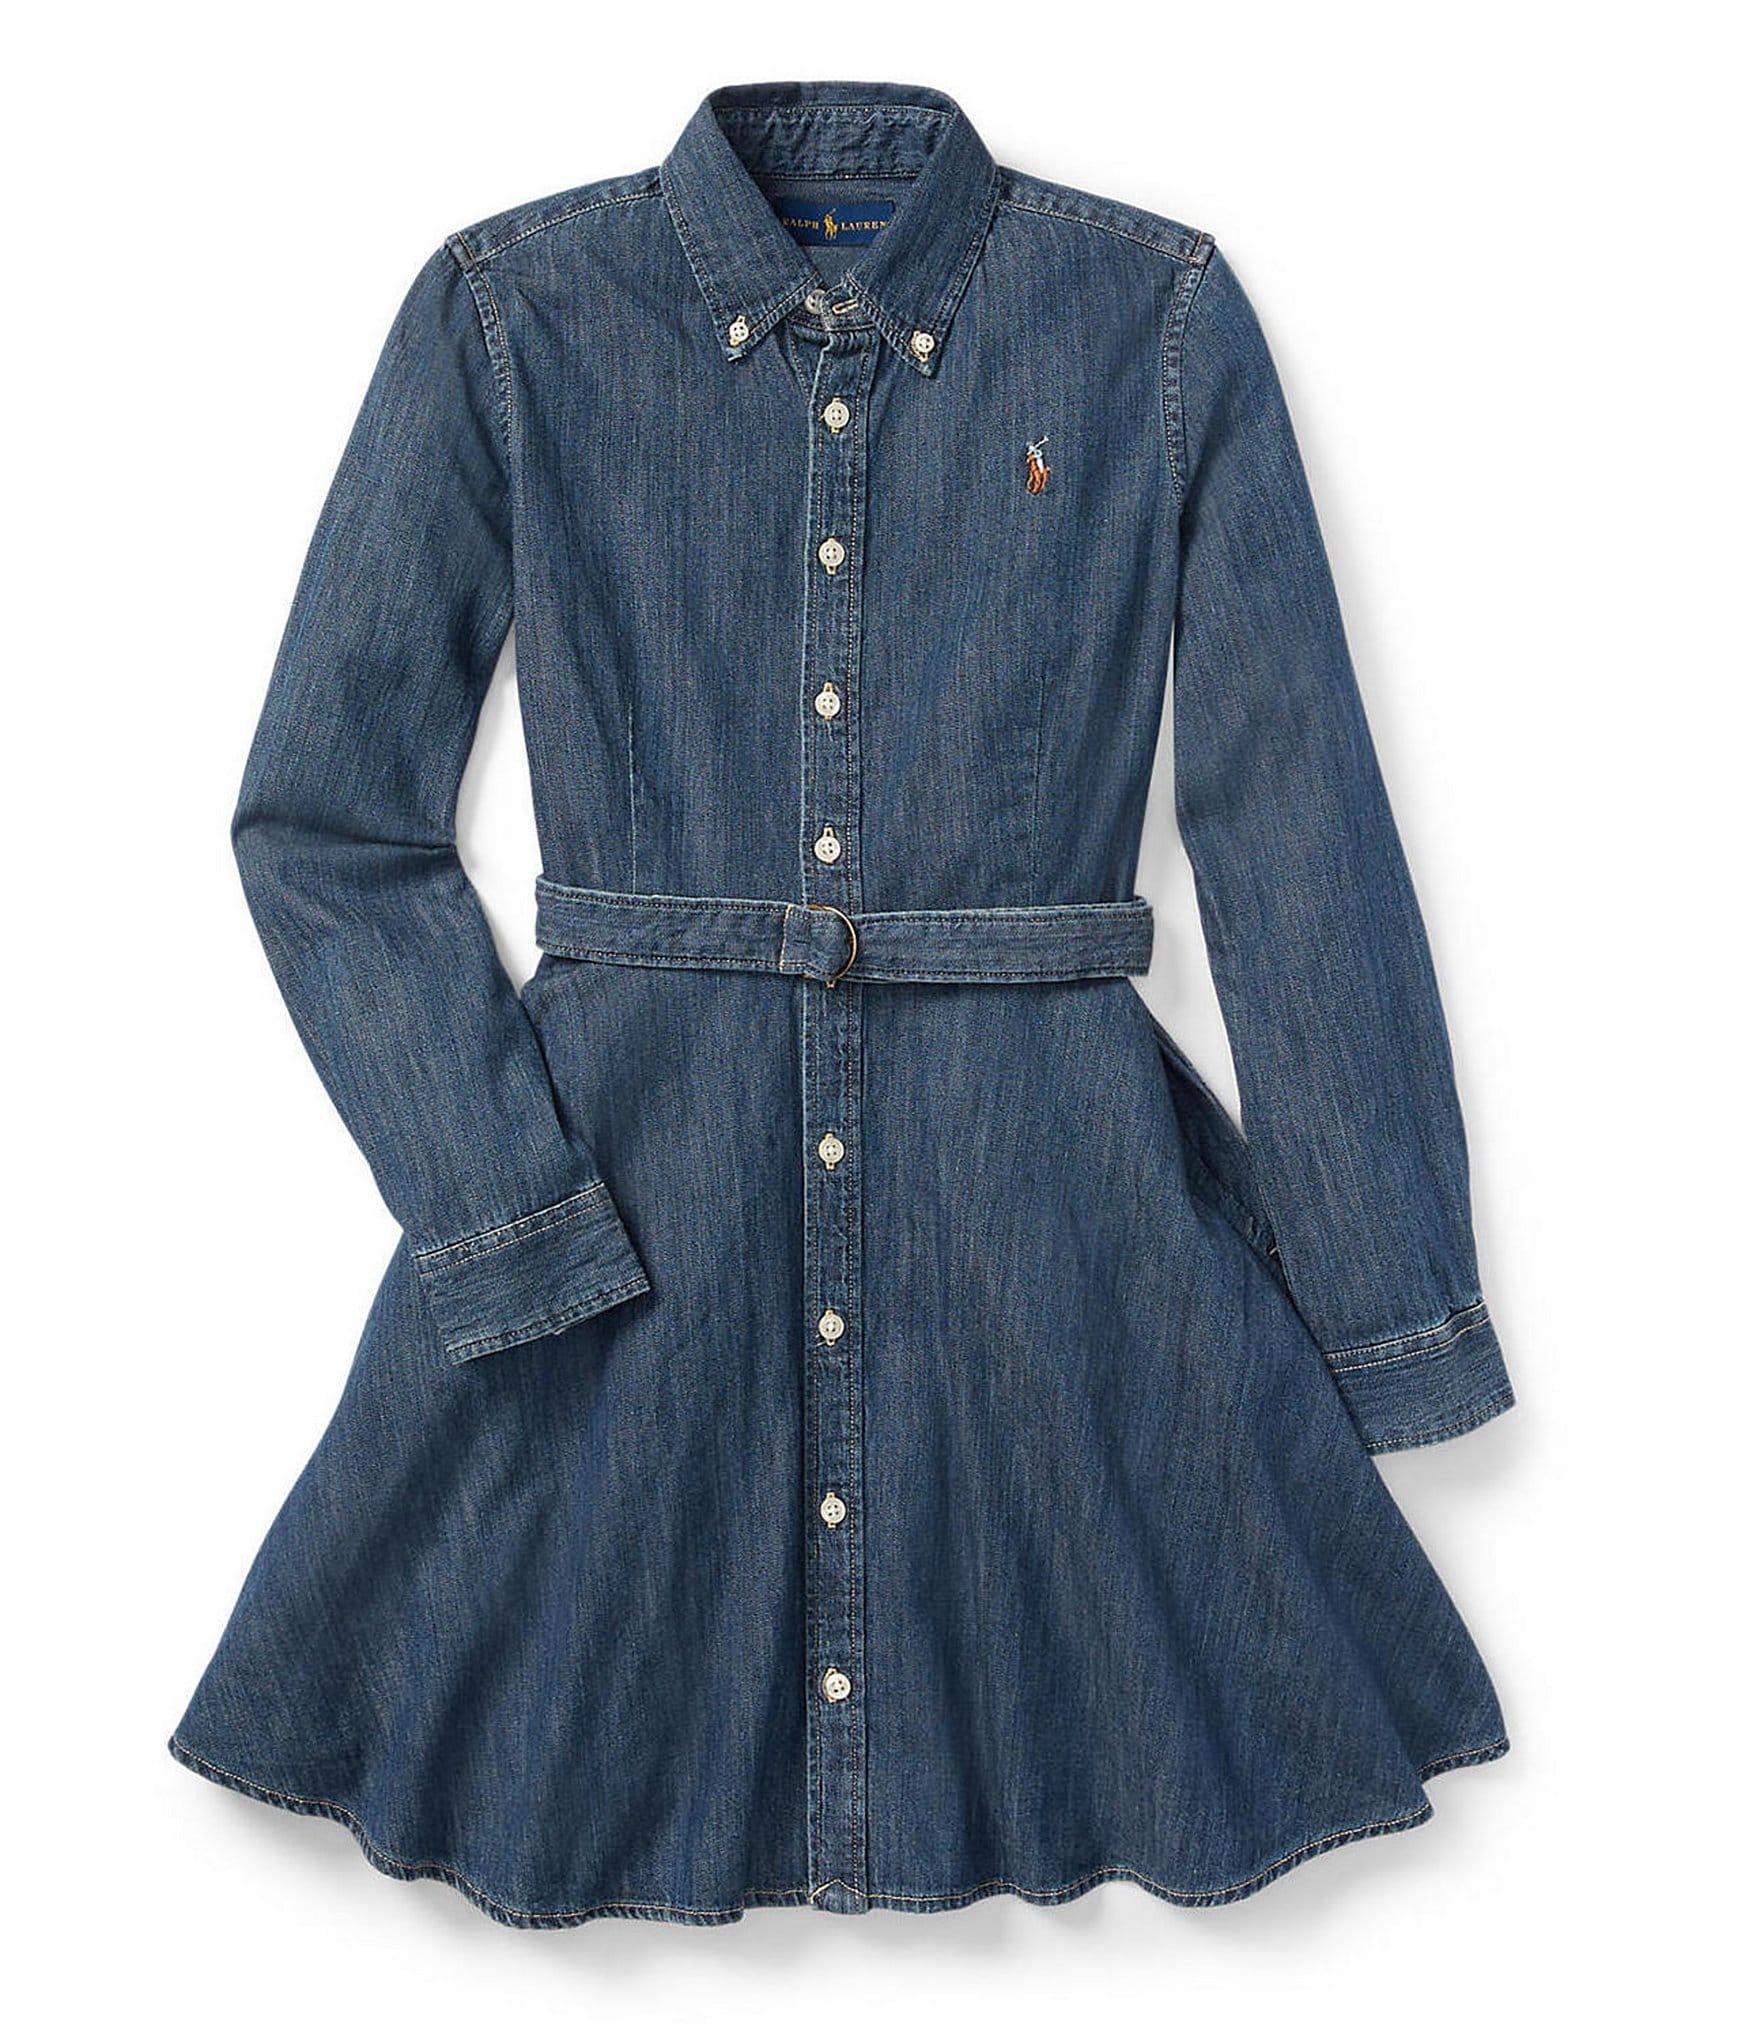 Polo Ralph Lauren Big Girls 7-16 Belted Denim Shirt Dress | Dillard's